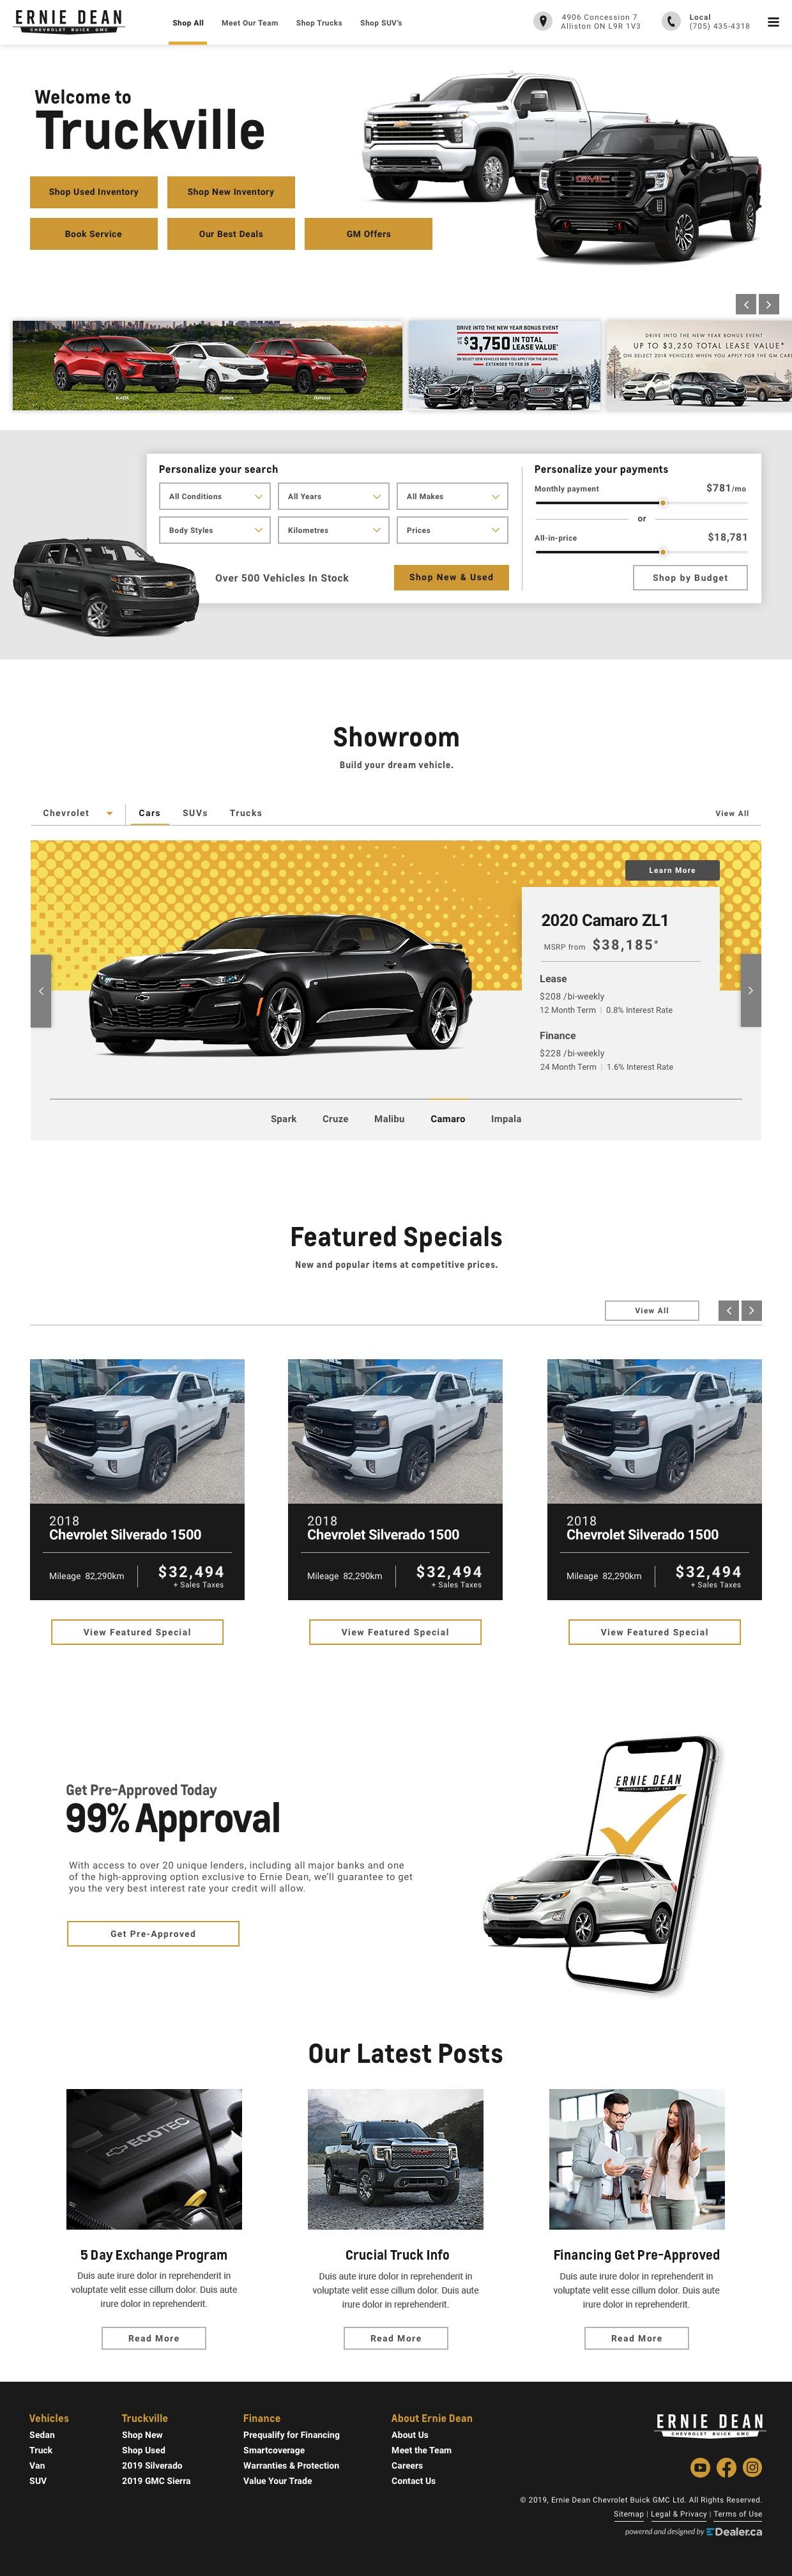 Ernie Dean Chevrolet Buick GMC Ltd